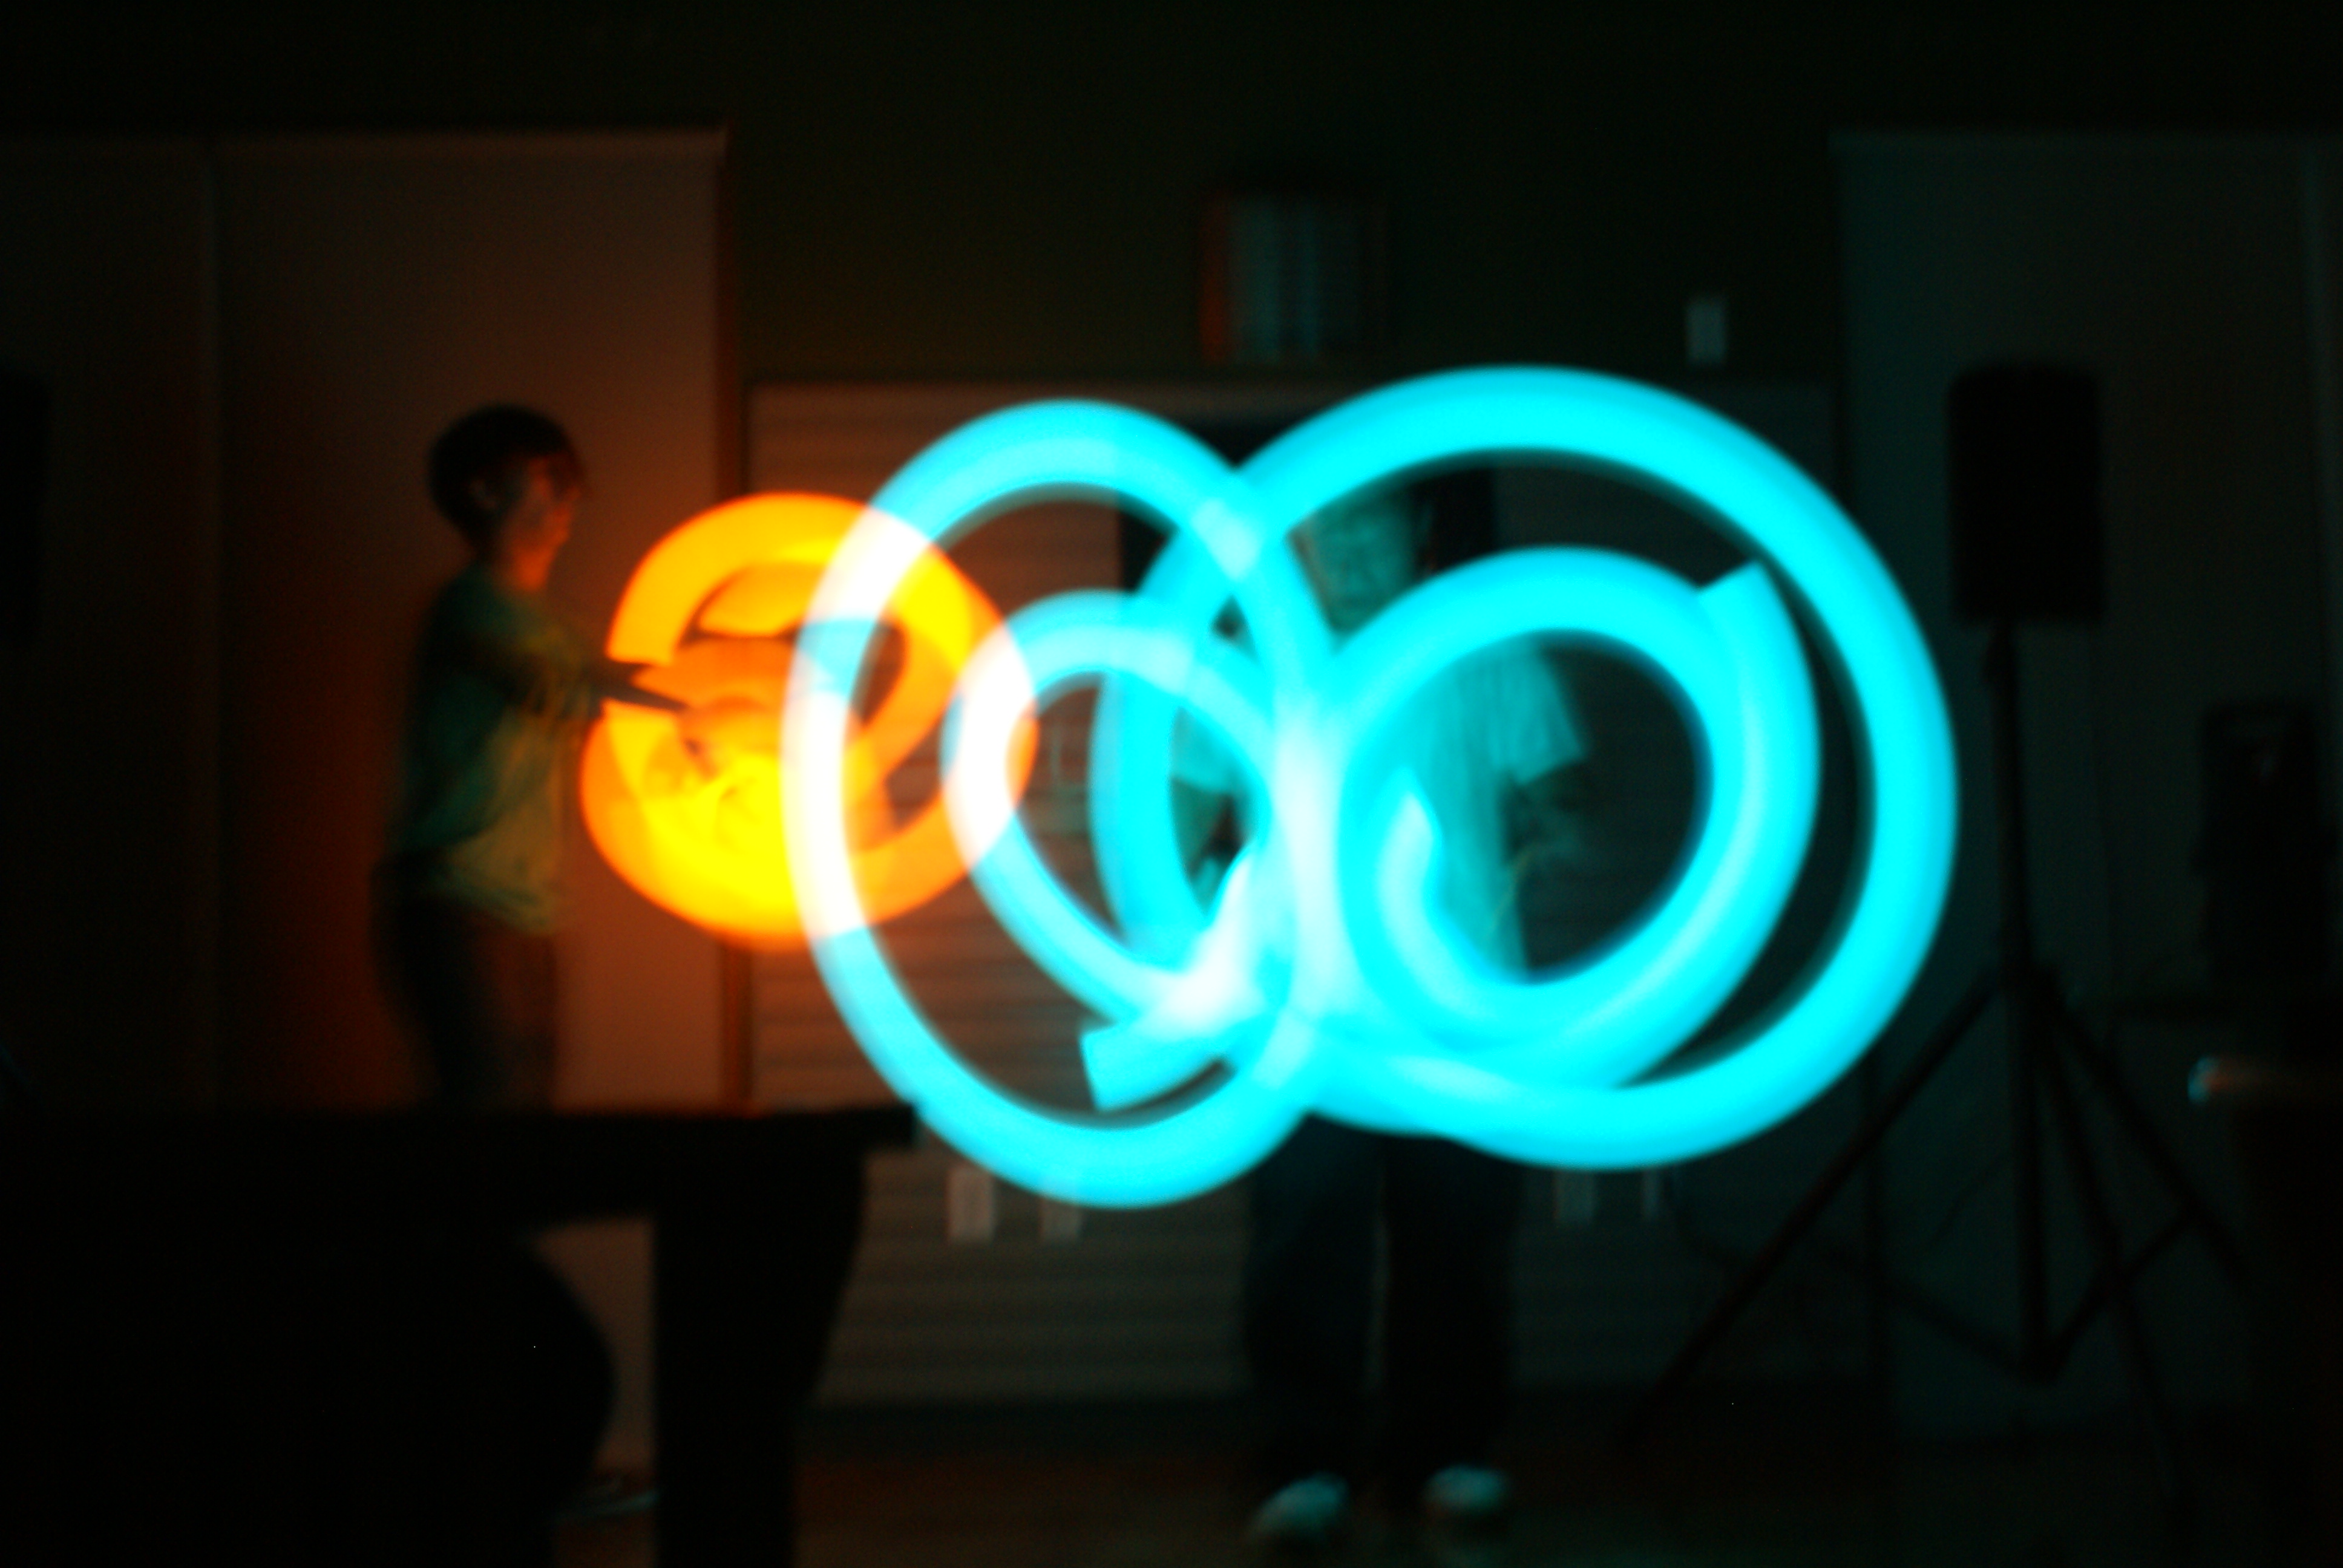 Partner glow photo